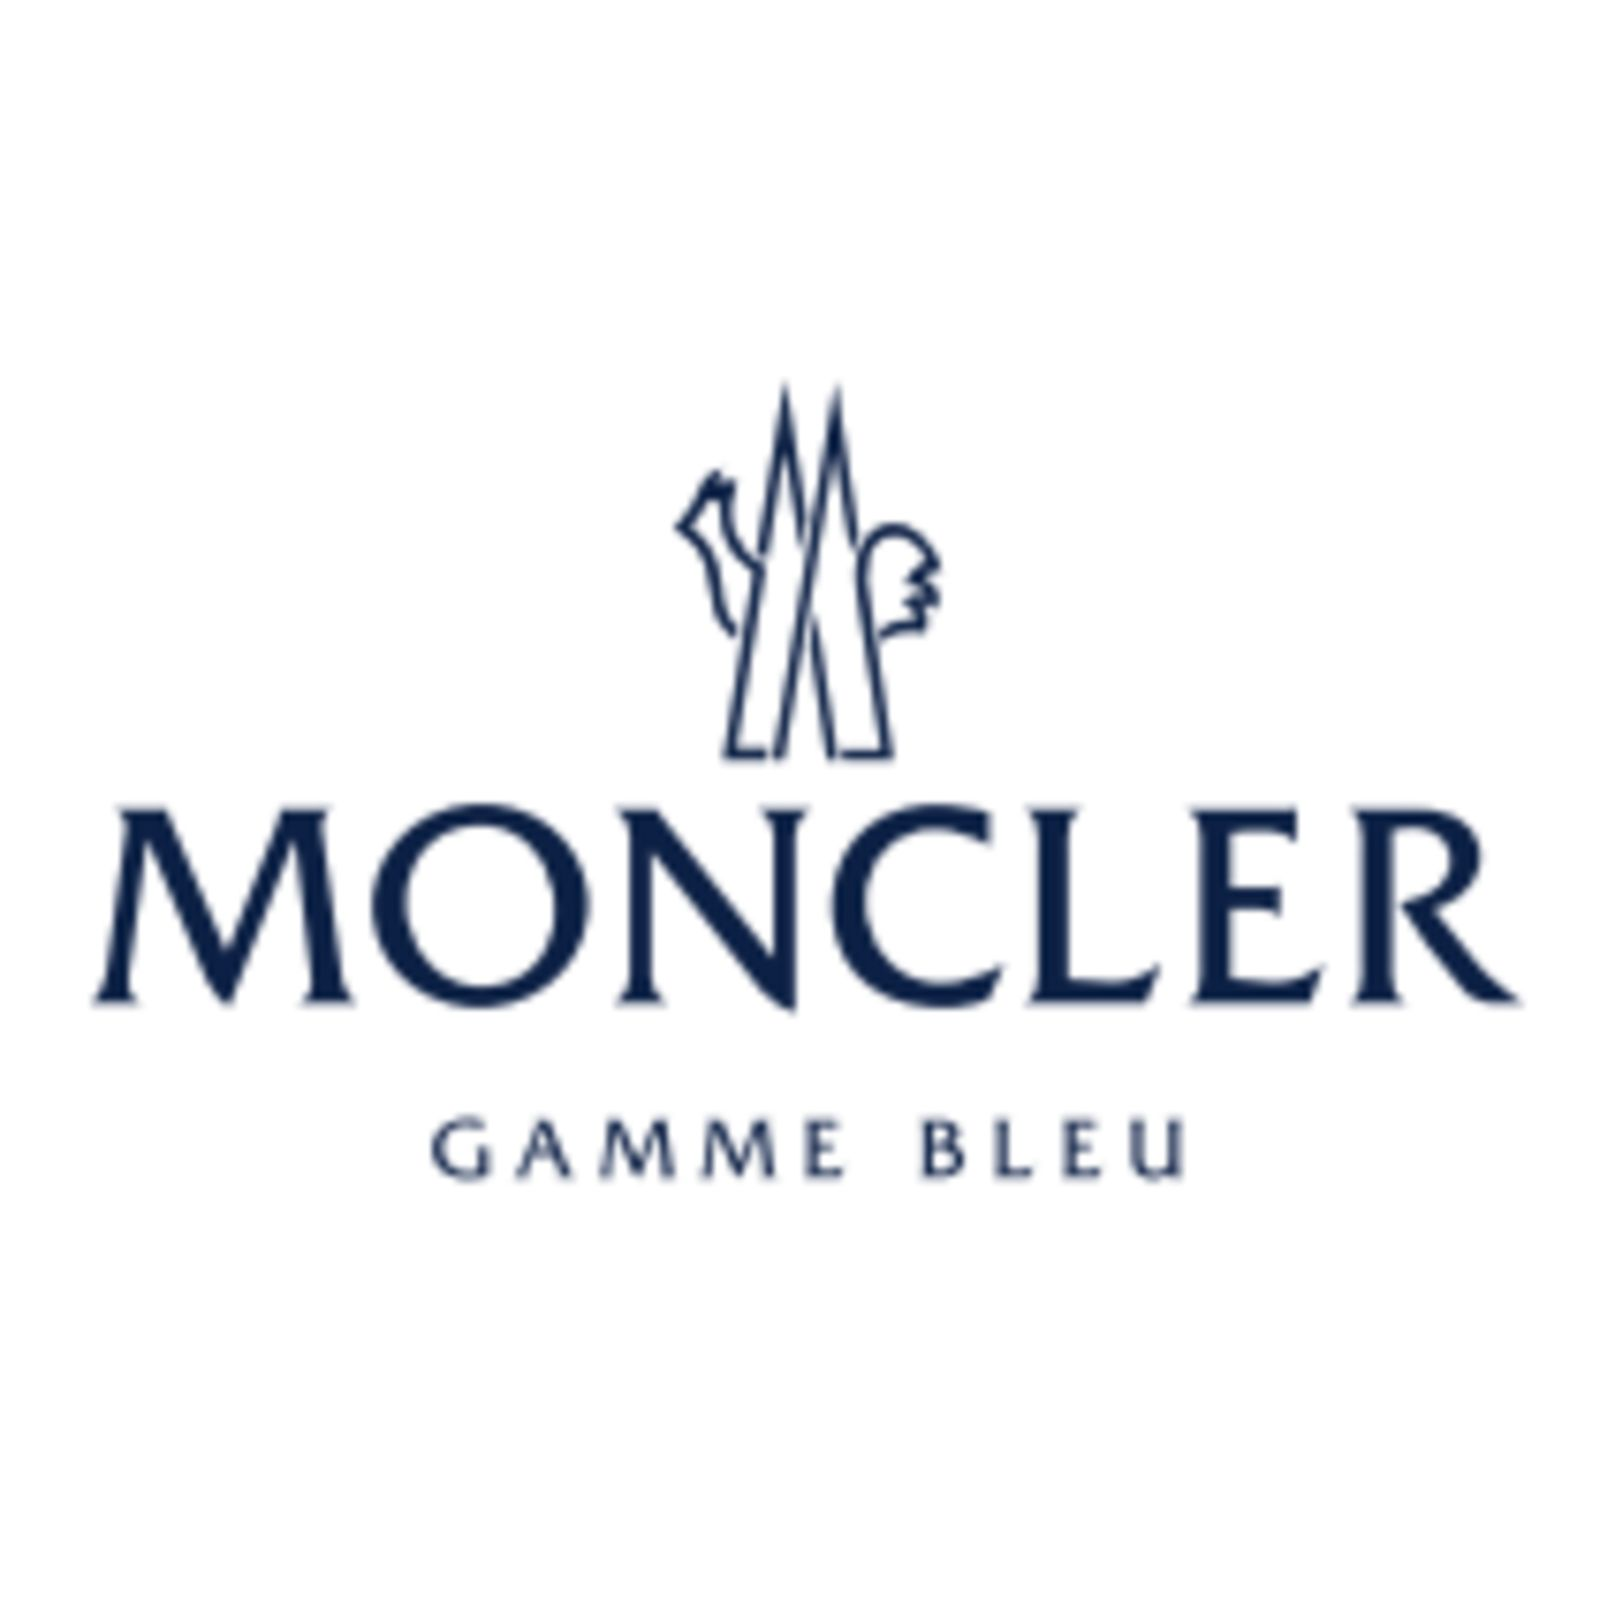 MONCLER GAMME BLEU (Image 1)